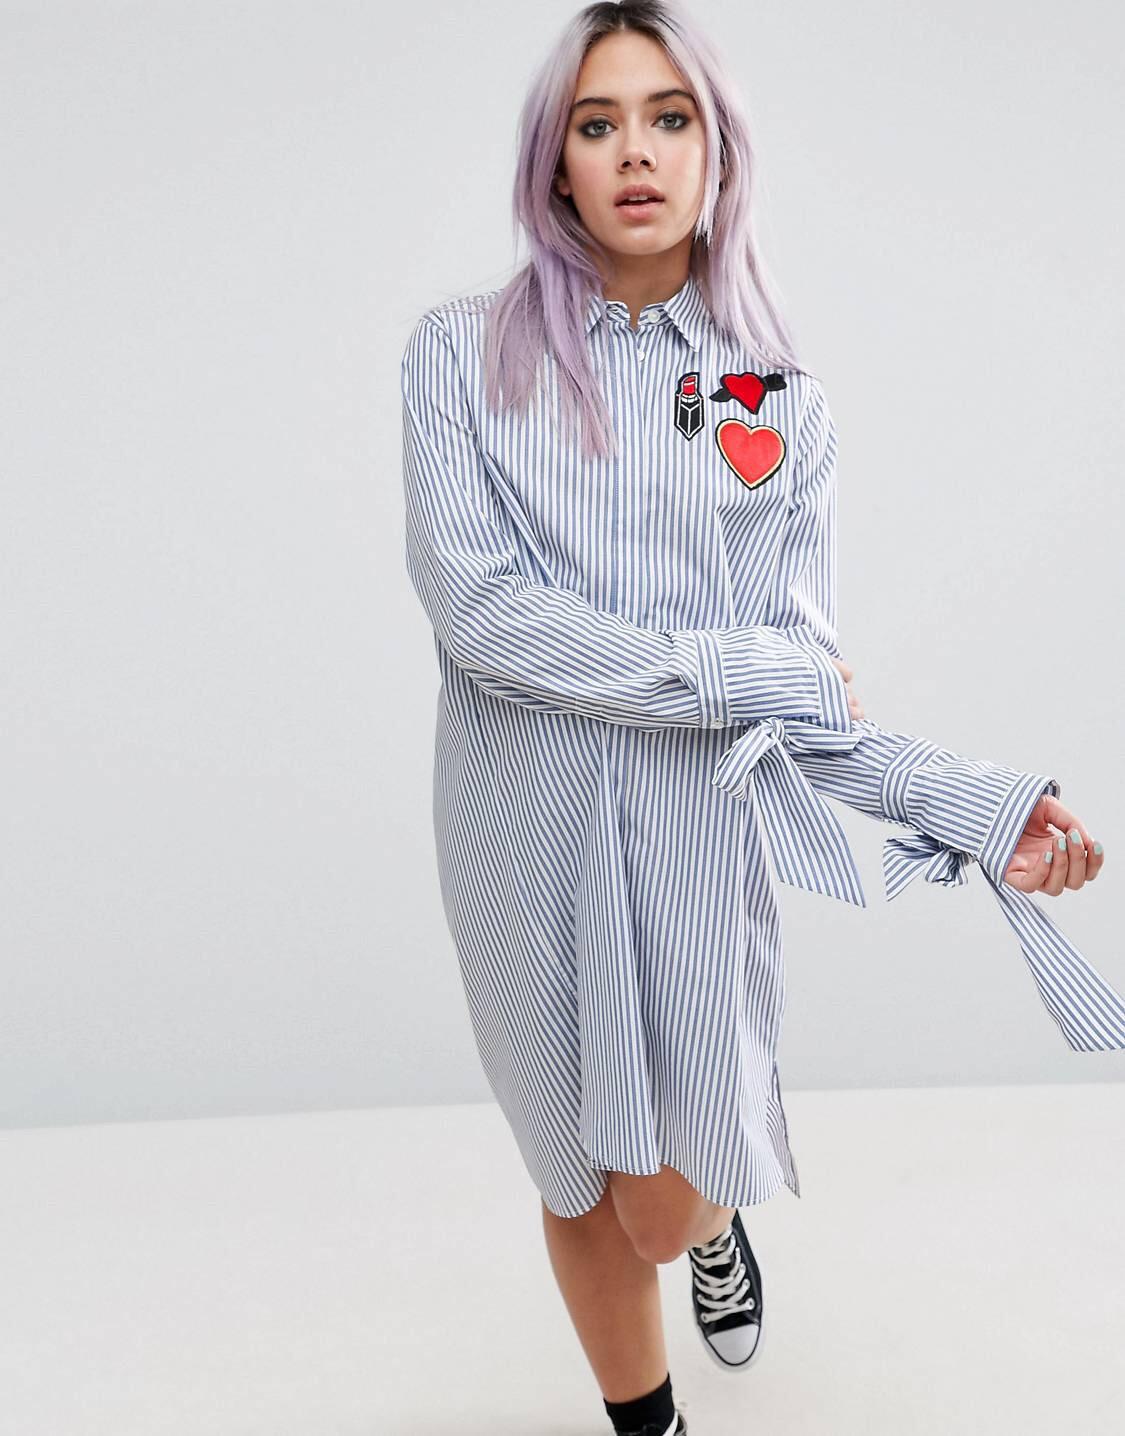 £19 ASOS Shirt Dress - Knee length shirt. I'm sold.